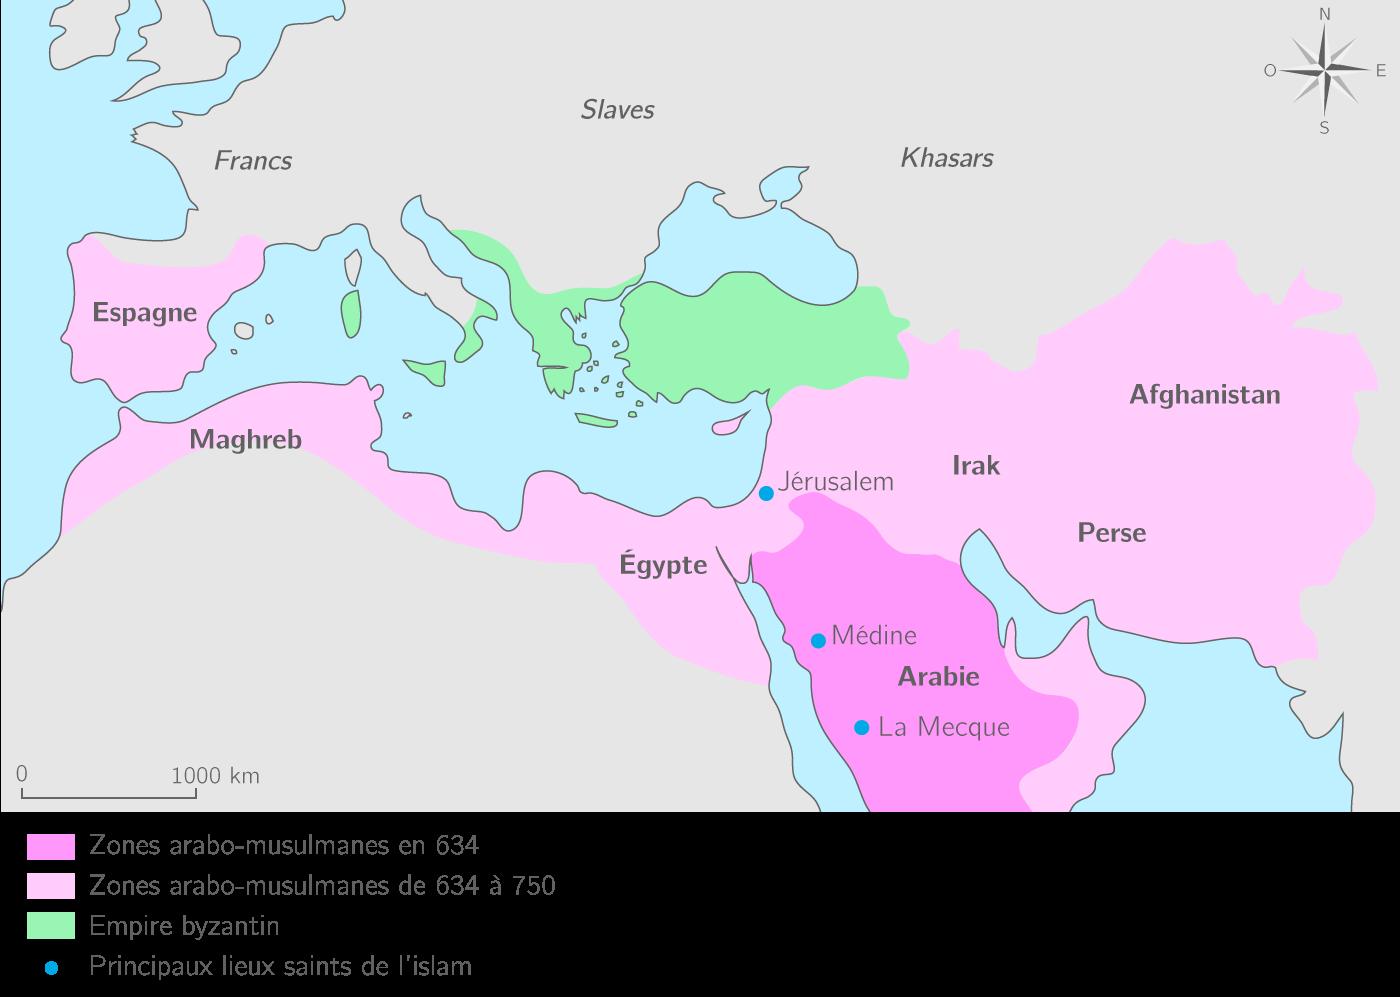 Les conquêtes des arabo-musulmans de 634 à 750